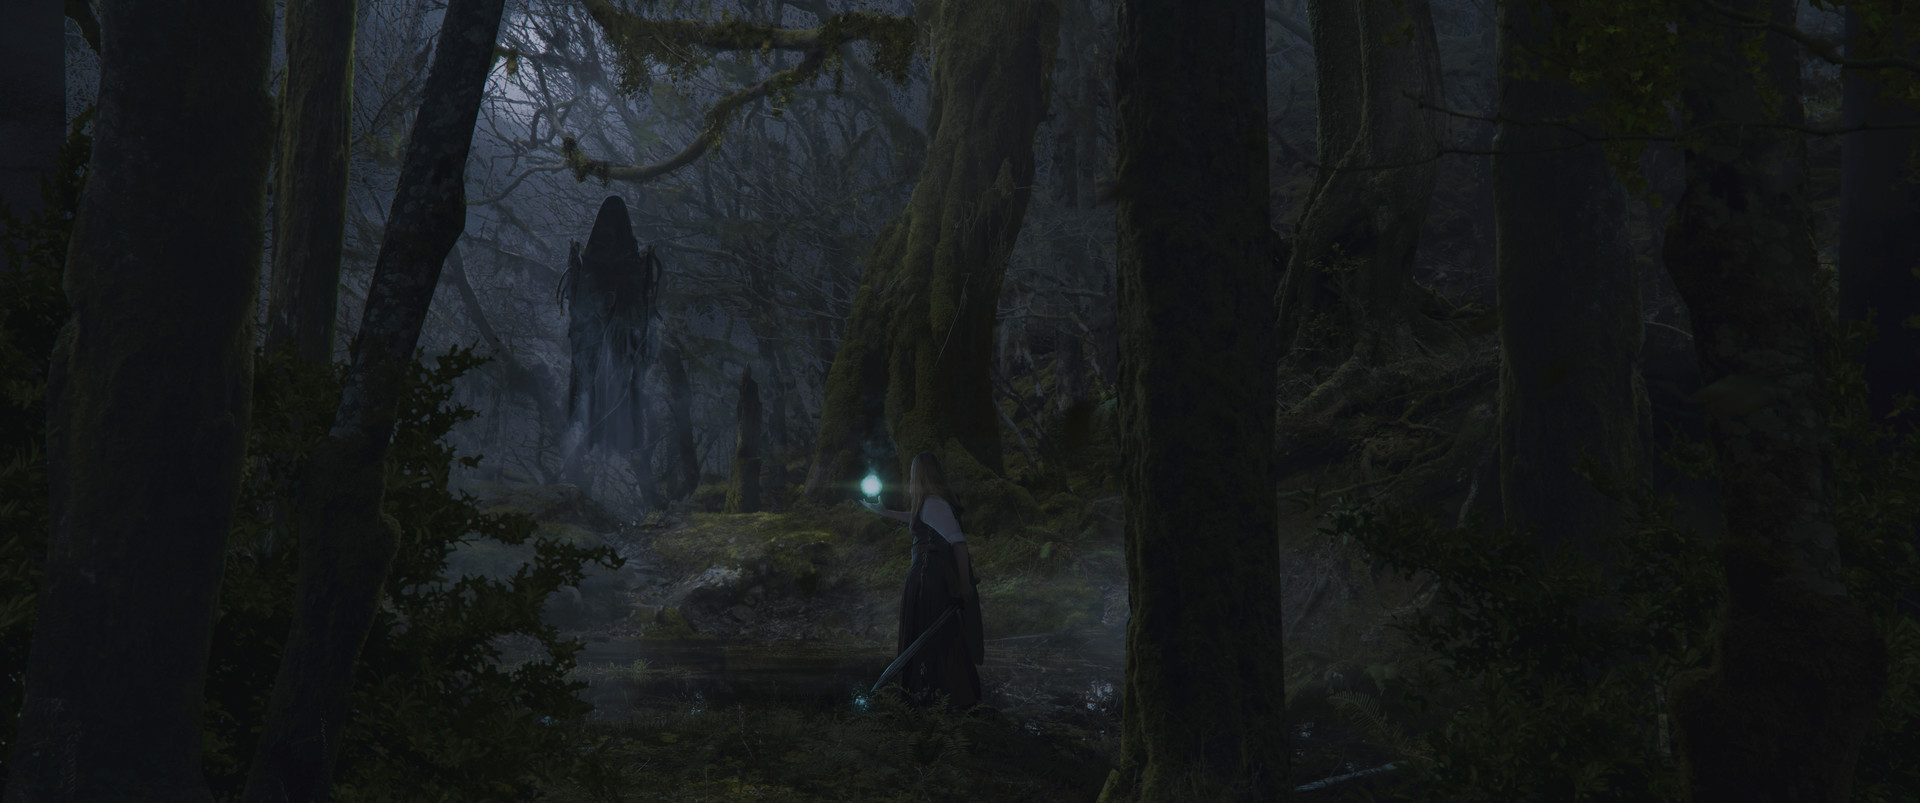 Michael morris watcheroftheforest